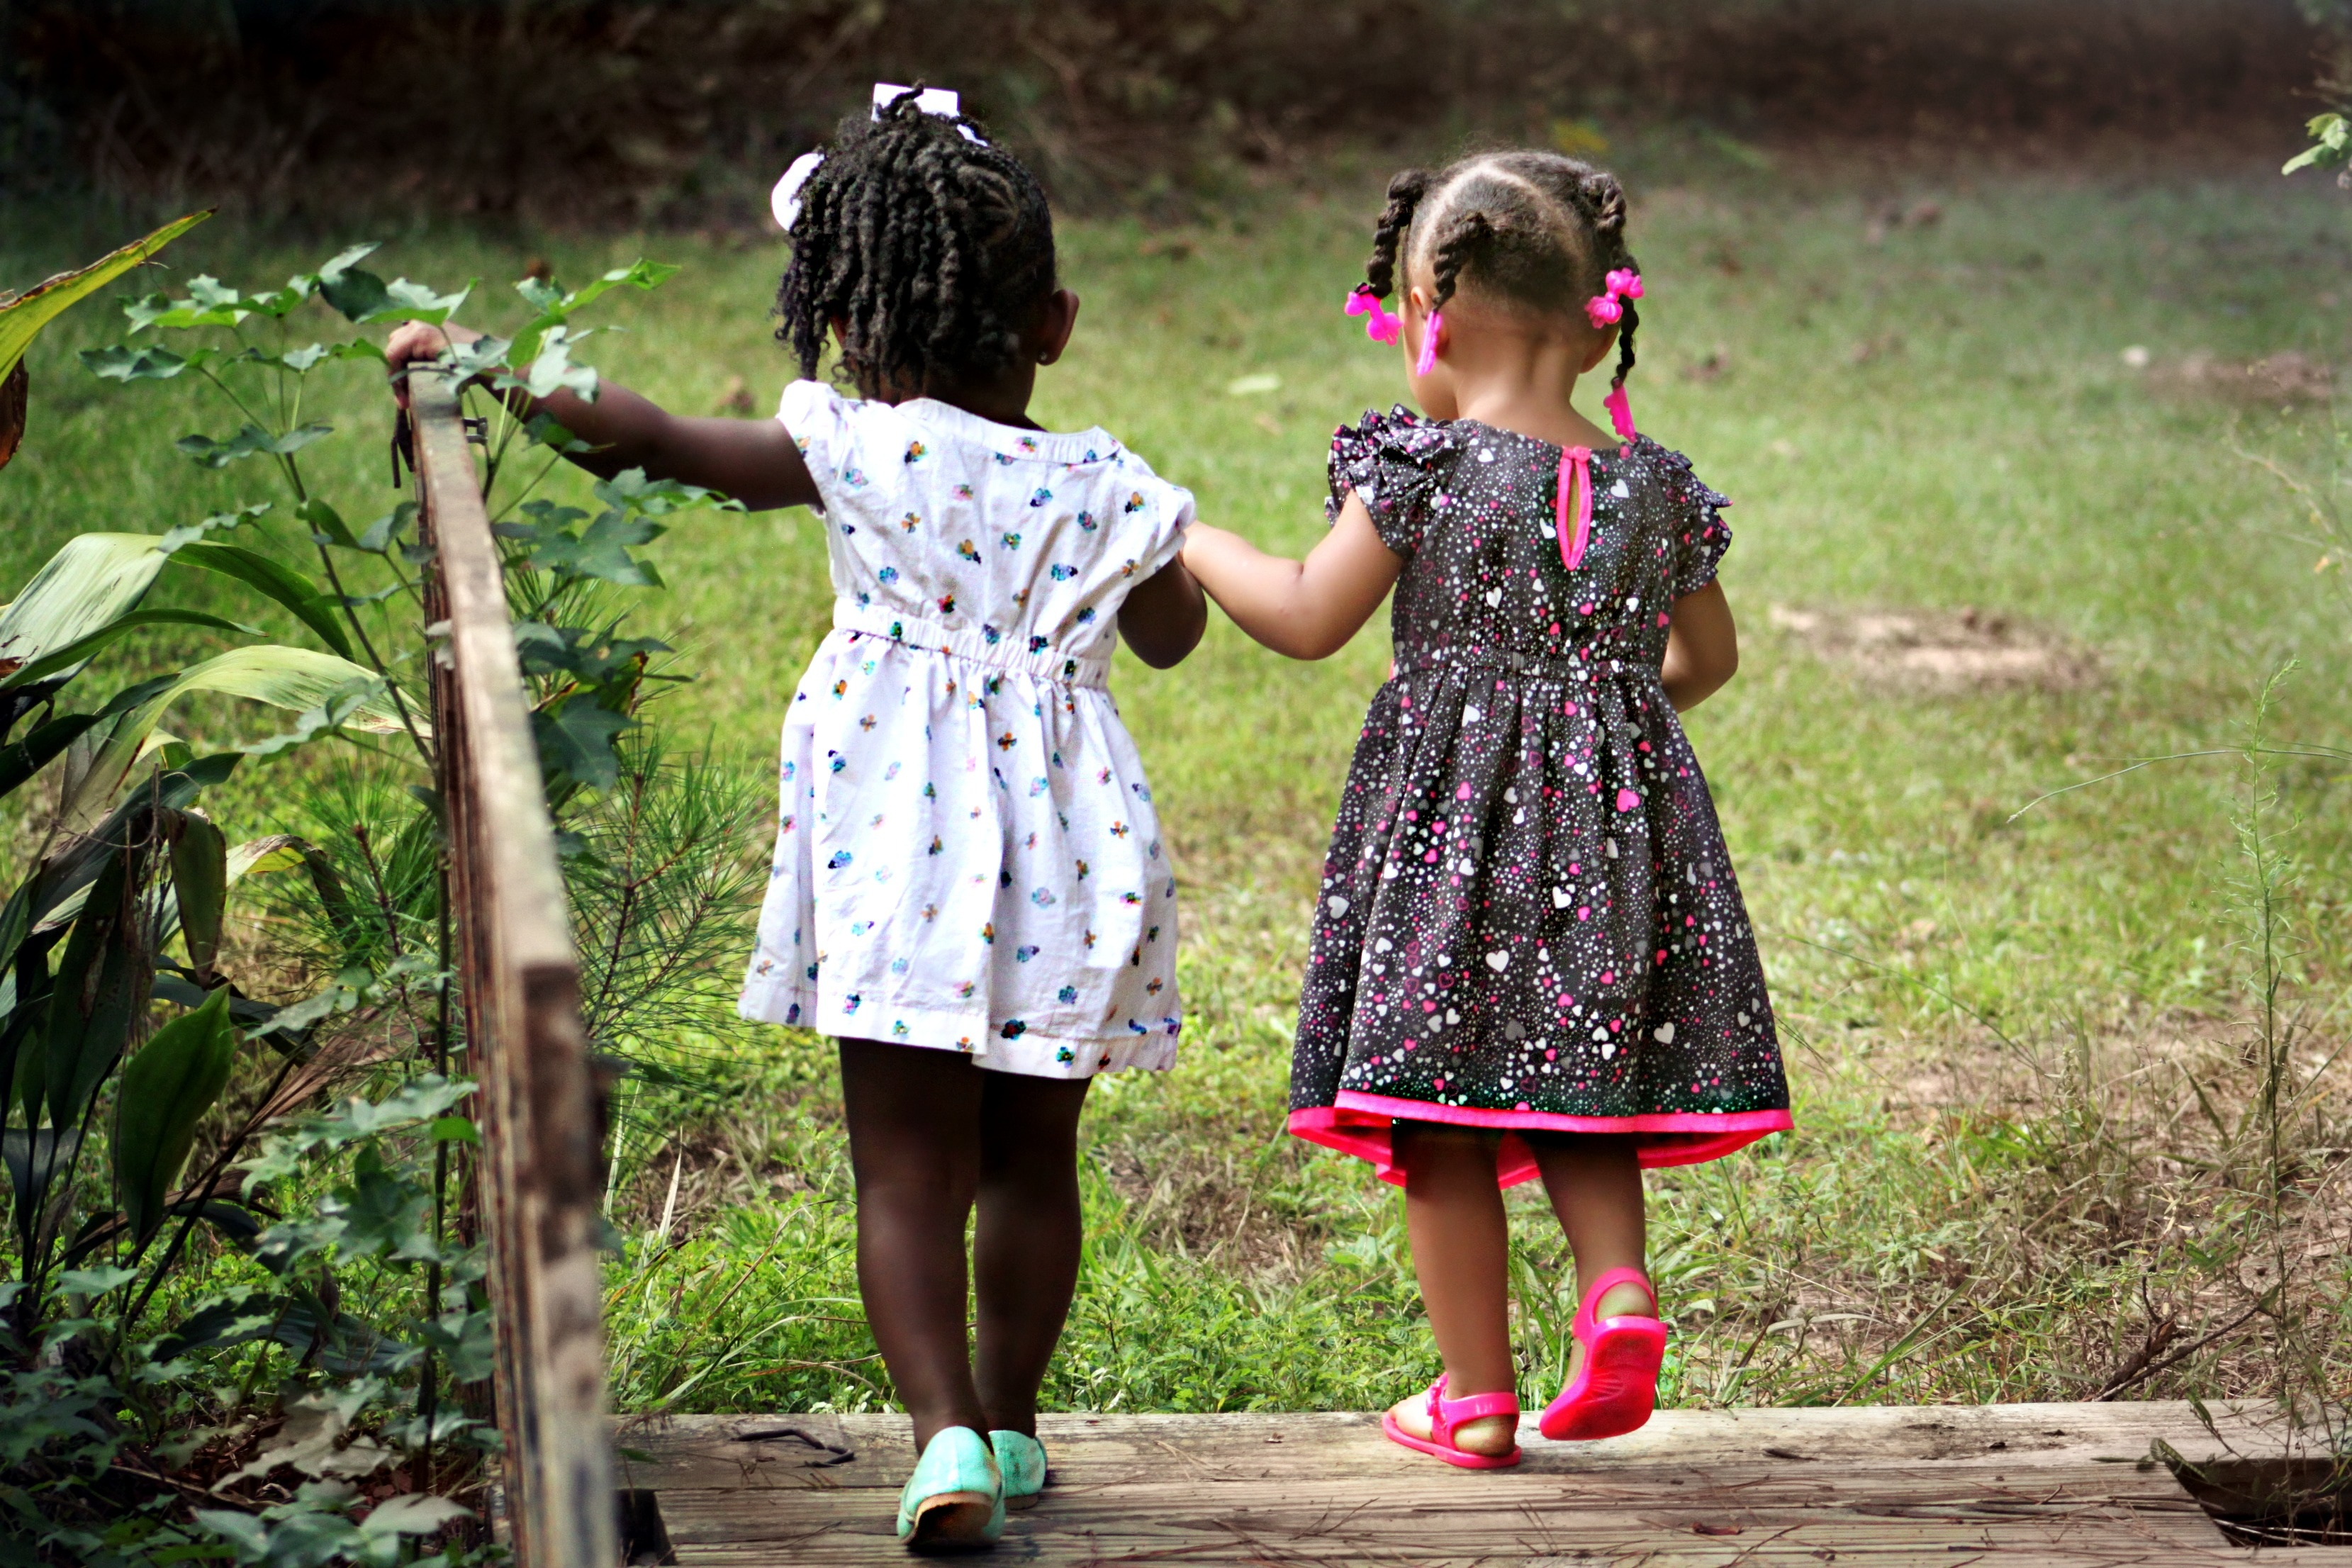 girls-children-kids-friends-50581.jpeg (3318×2212)